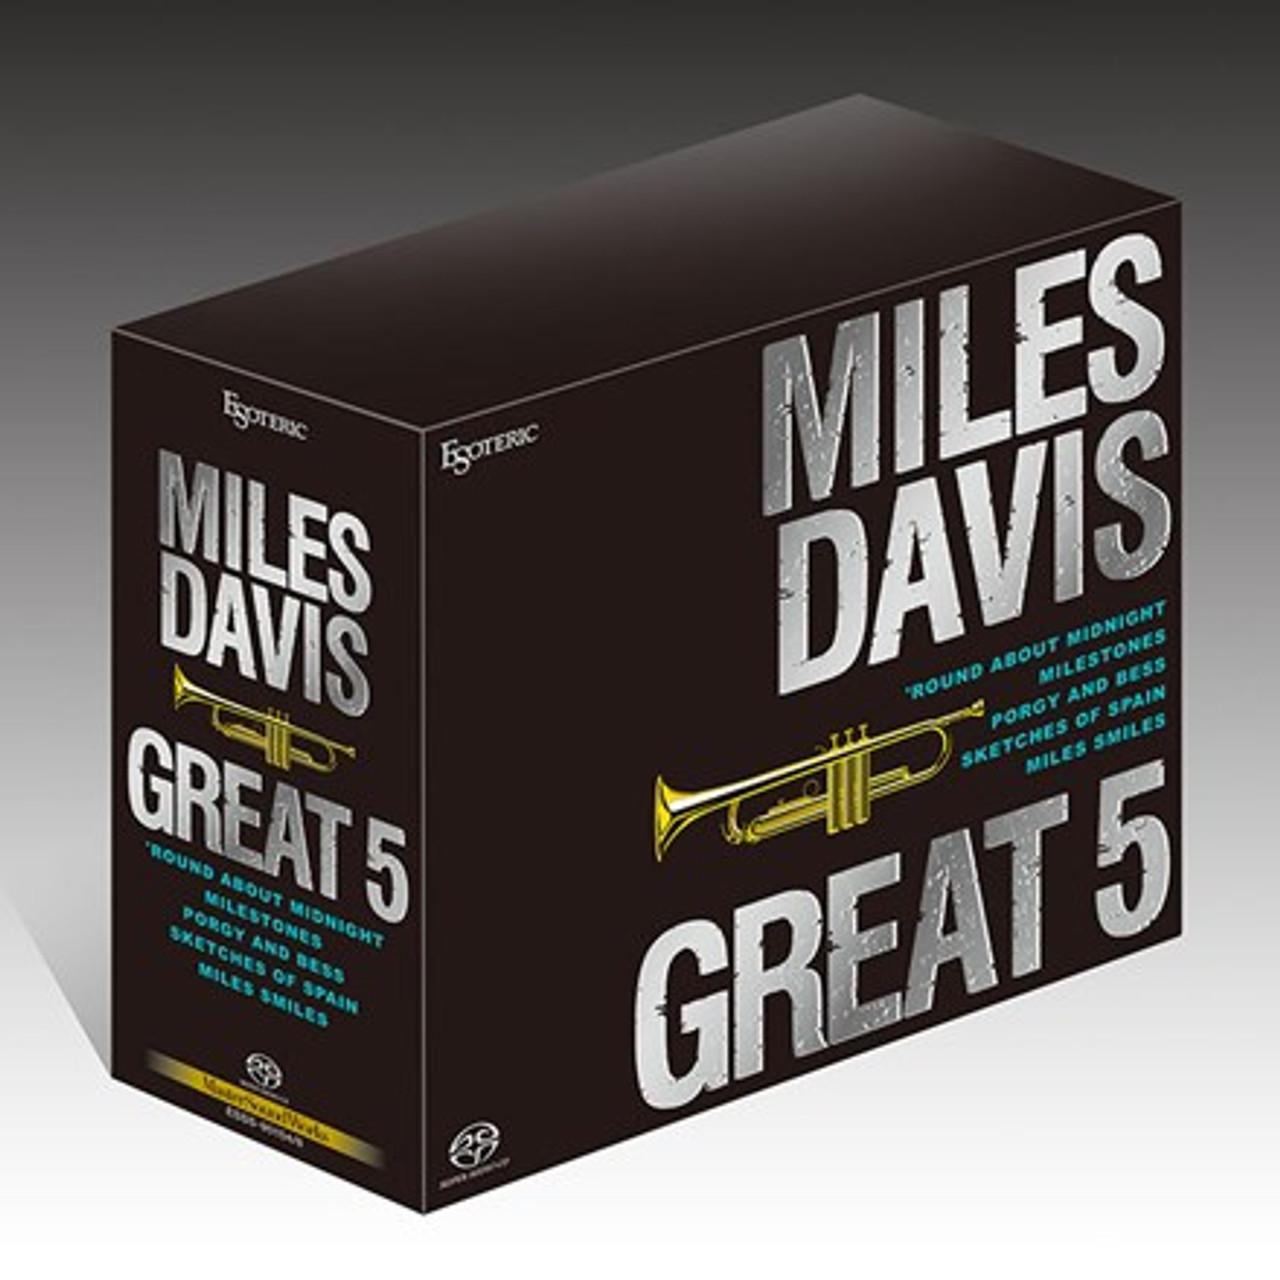 Esoteric Miles Davis SACD Collection